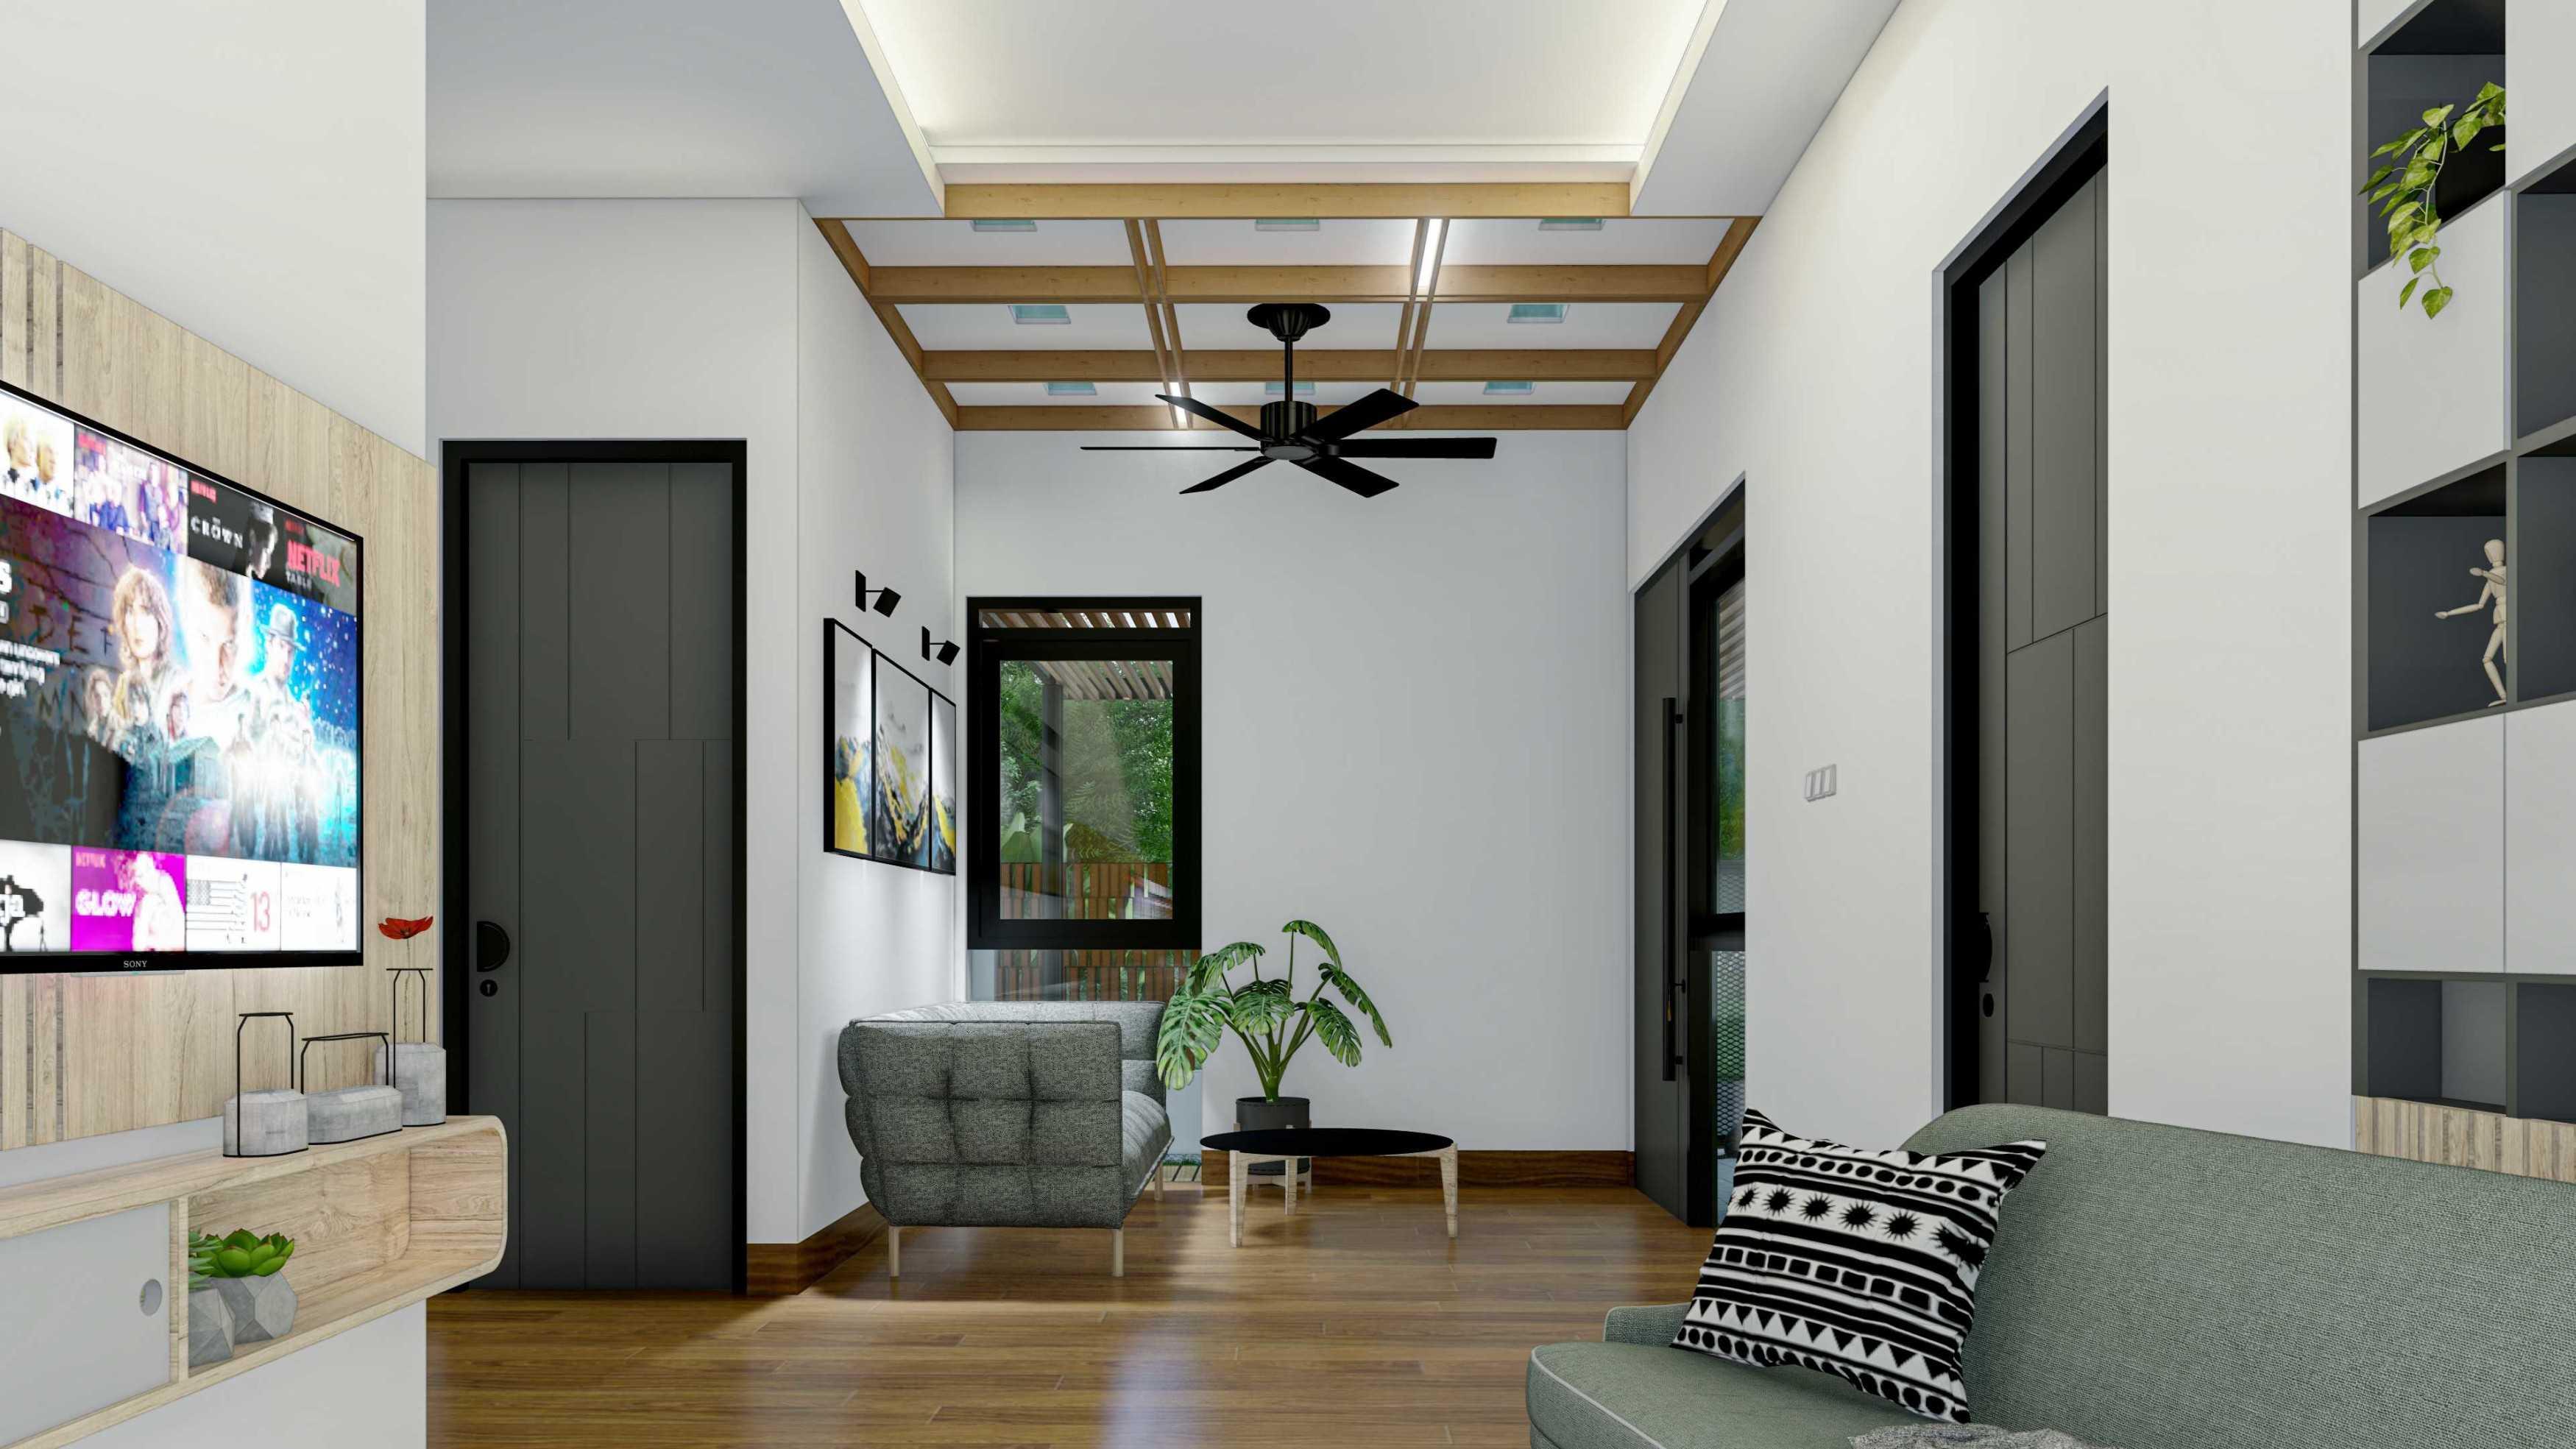 Iap Architect Ip House (Desain) Padang, Kota Padang, Sumatera Barat, Indonesia Padang, Kota Padang, Sumatera Barat, Indonesia Iap-Architect-Ip-House-Desain   127434